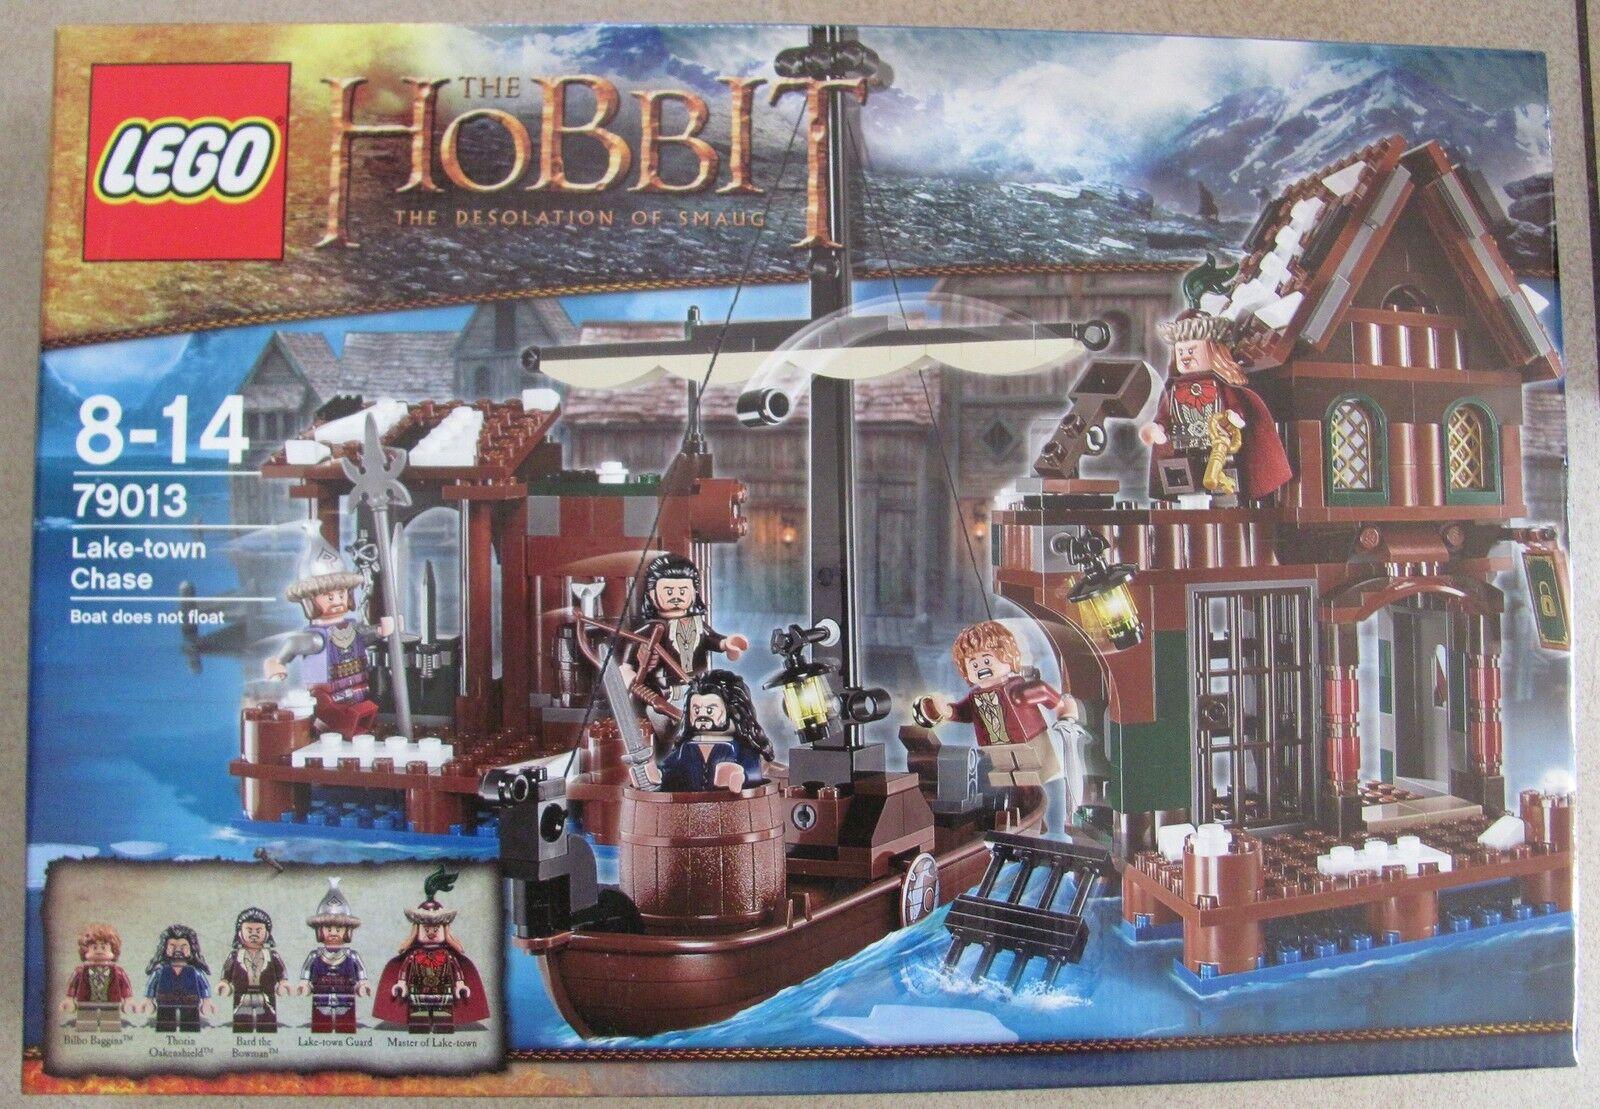 Lego 79013 Hobbit Poursuite sur l'eau NOUVEAU NOUVEAU NOUVEAU & NEUF dans sa boîte b75373